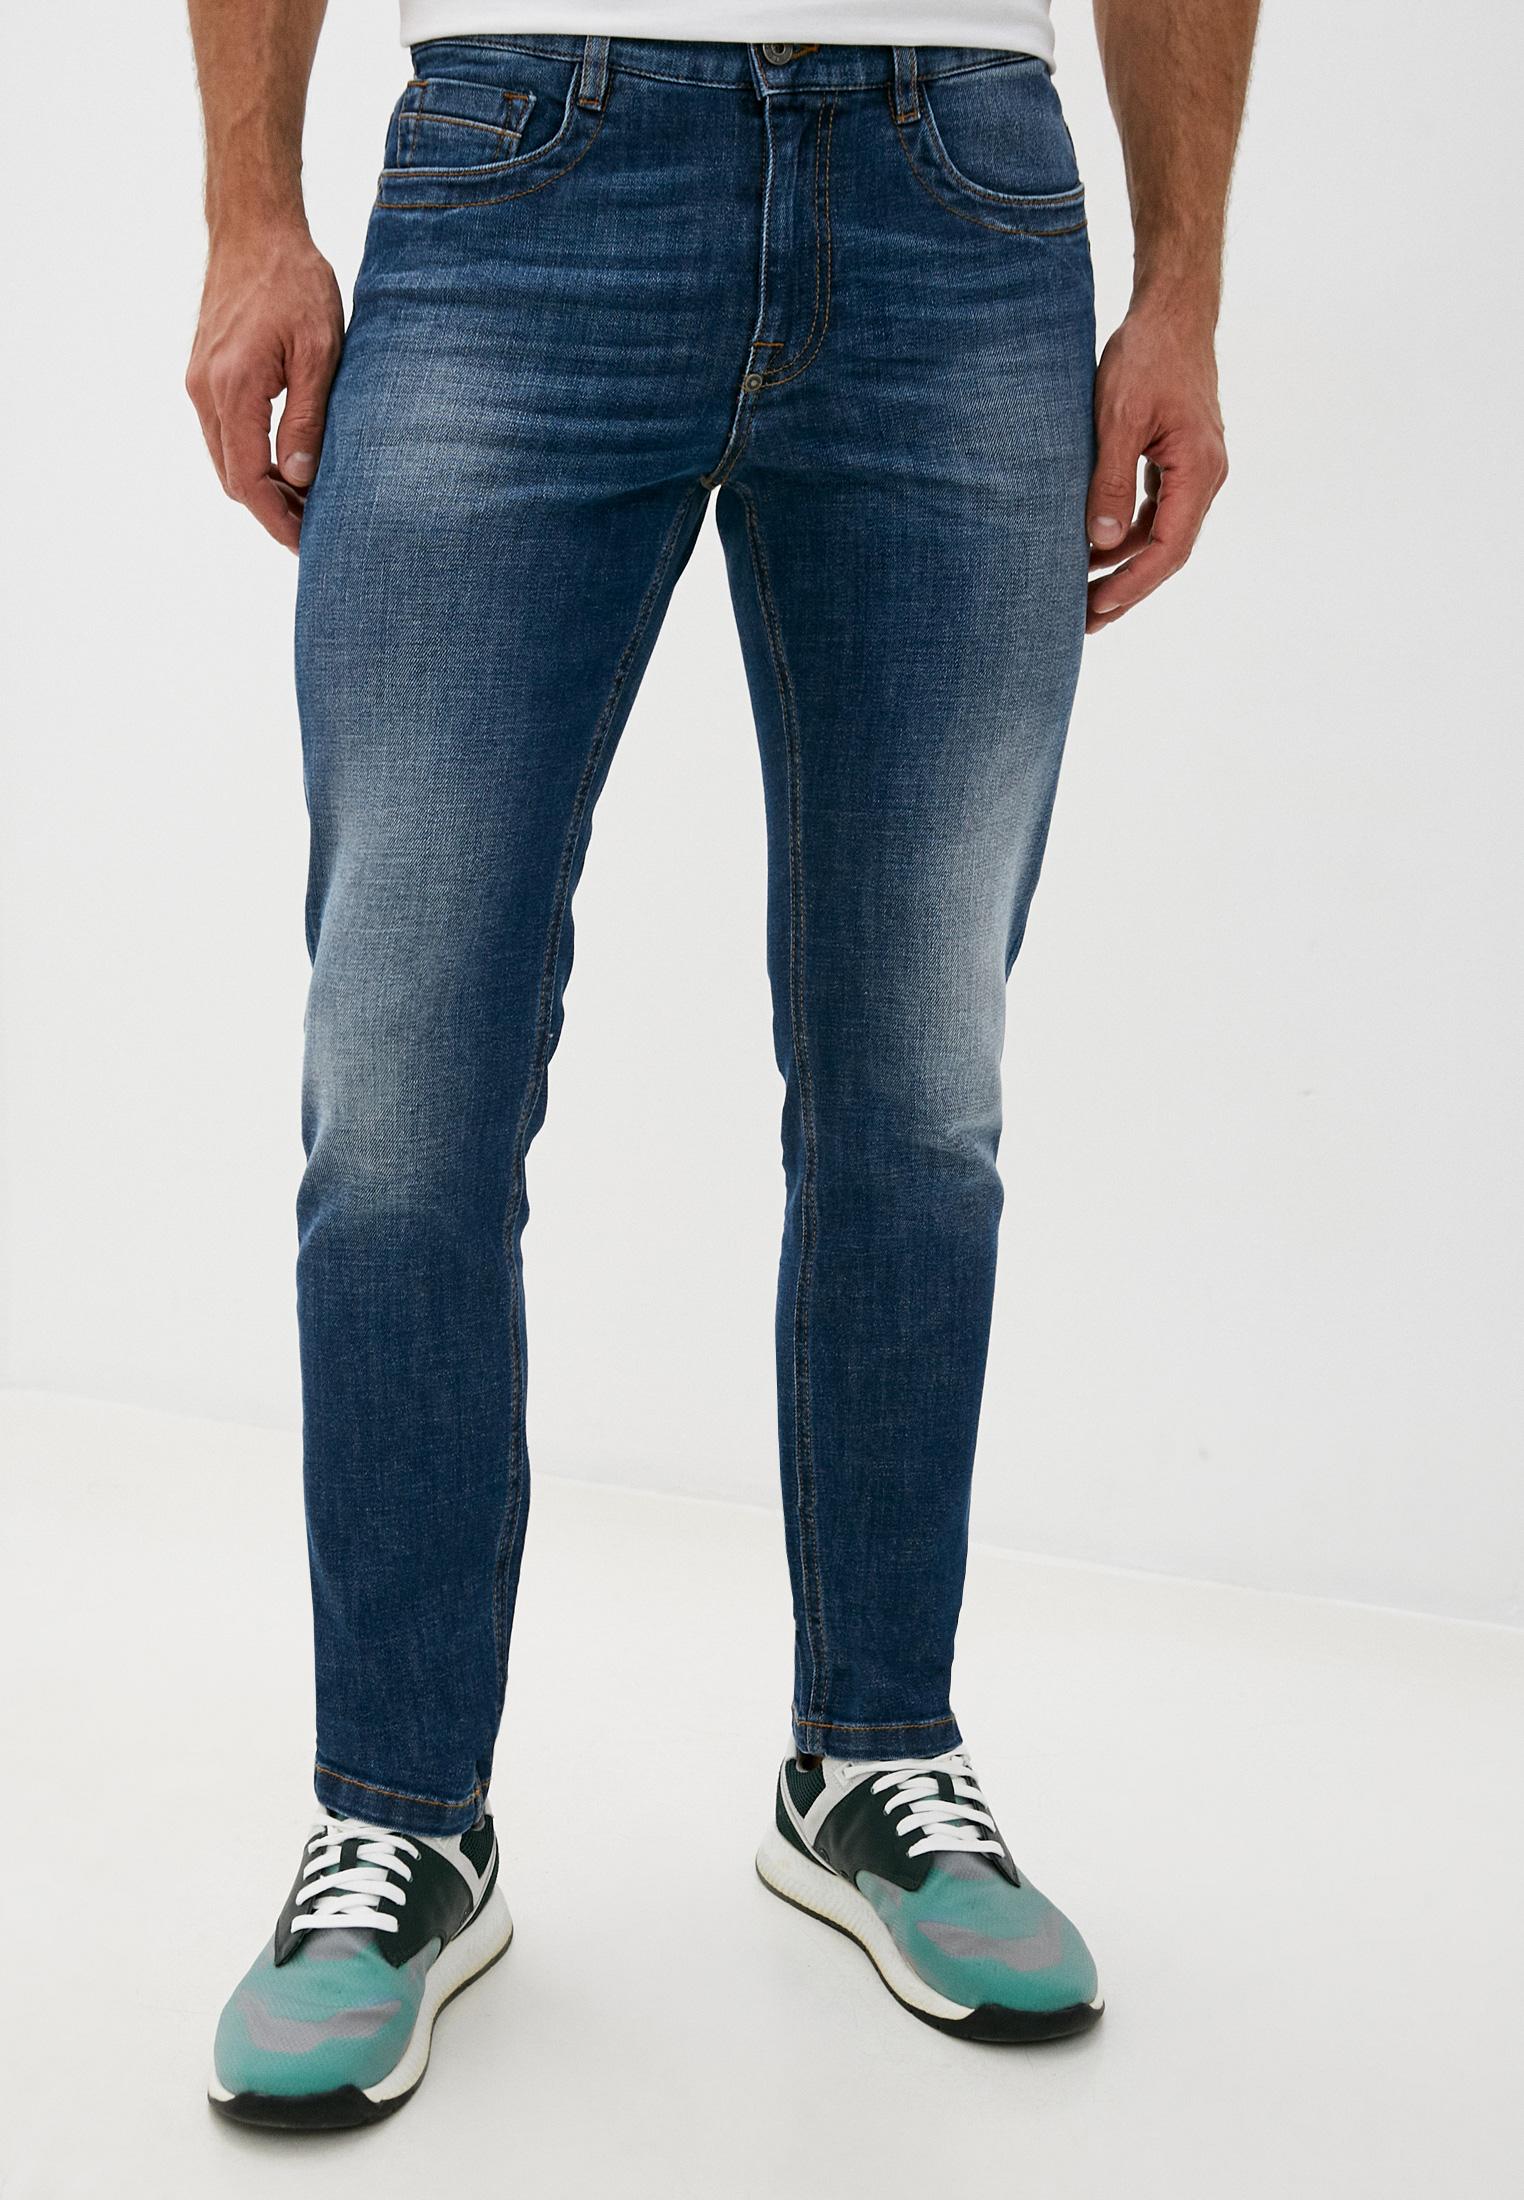 Мужские прямые джинсы Bikkembergs (Биккембергс) C Q 101 17 S 3393: изображение 1